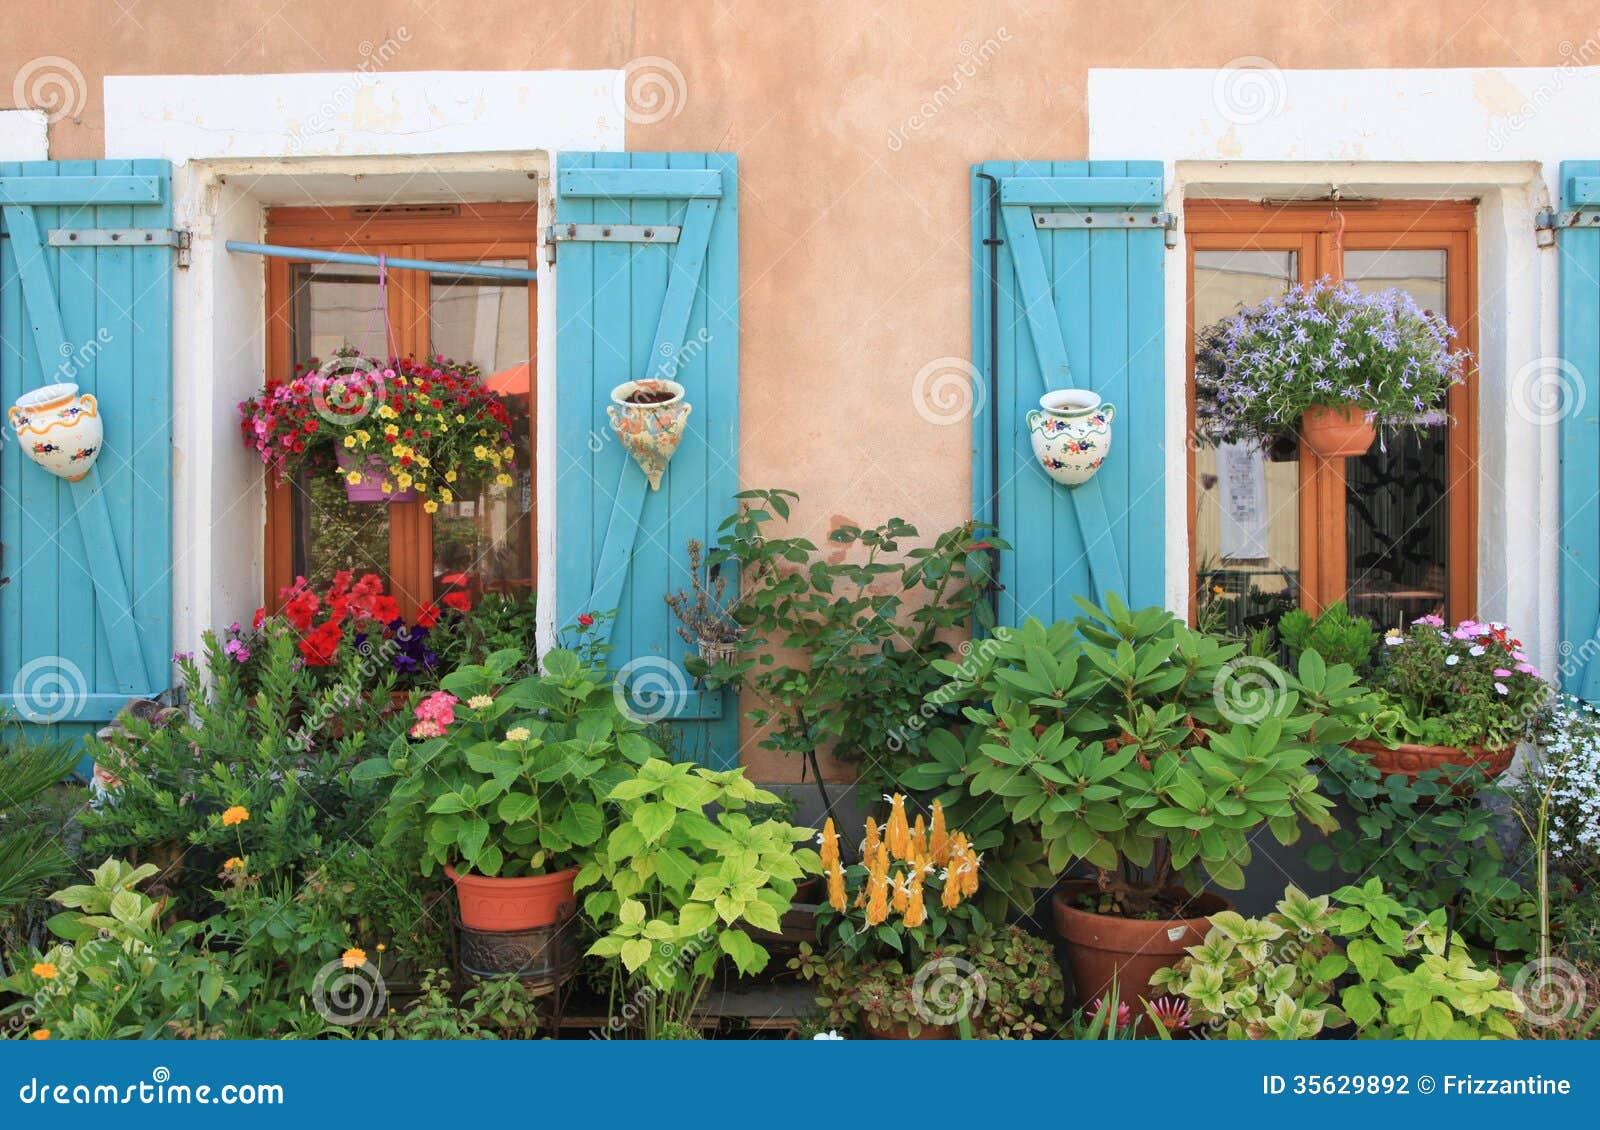 Flores y plantas que adornan exterior de la casa Plantas baratas de exterior